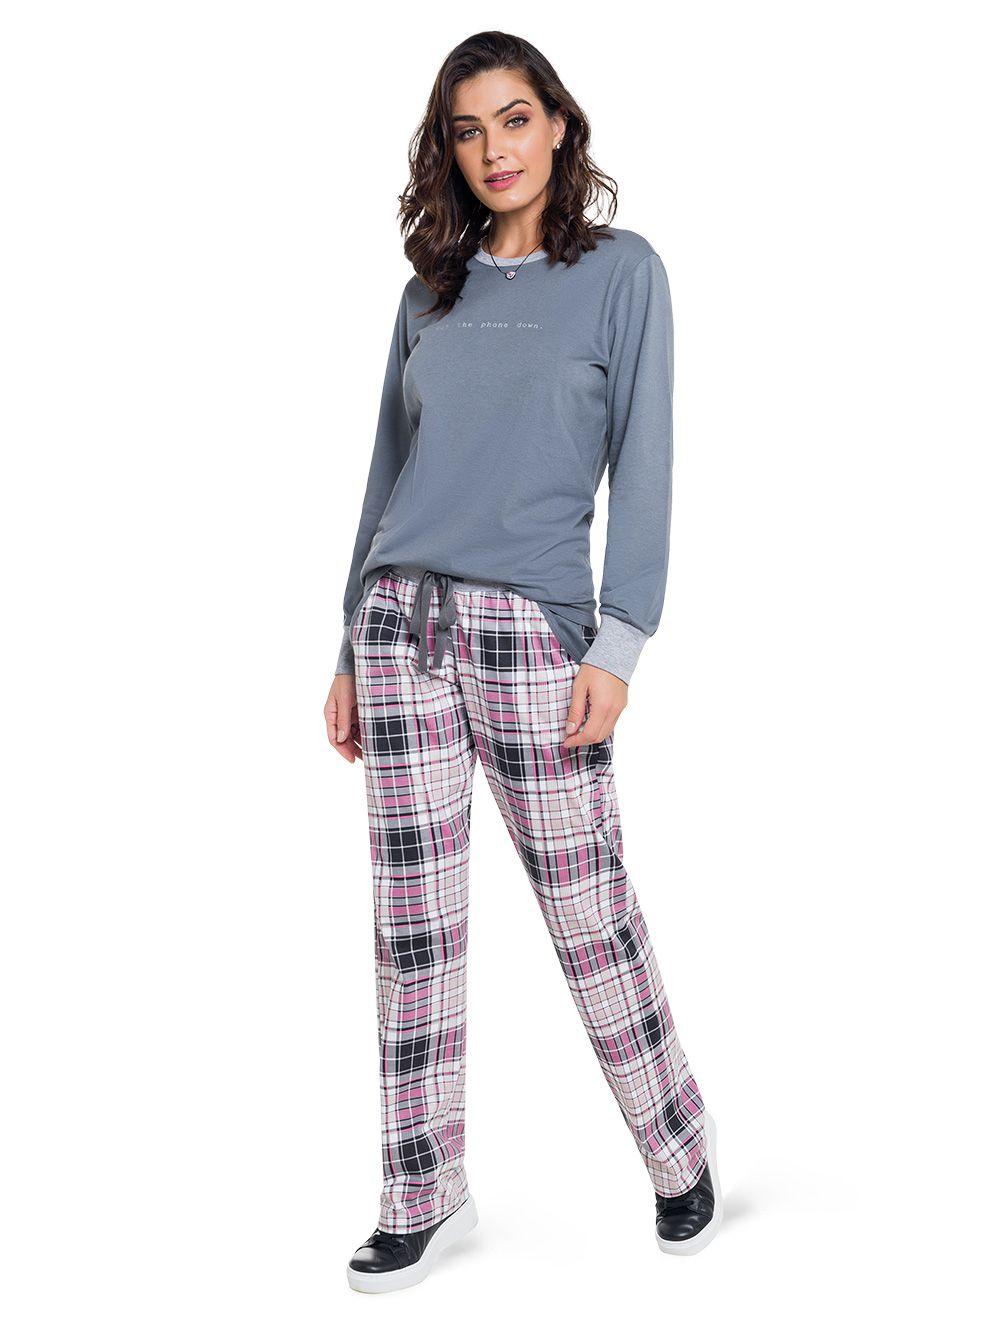 Pijama feminino inverno manga longa calça xadrez